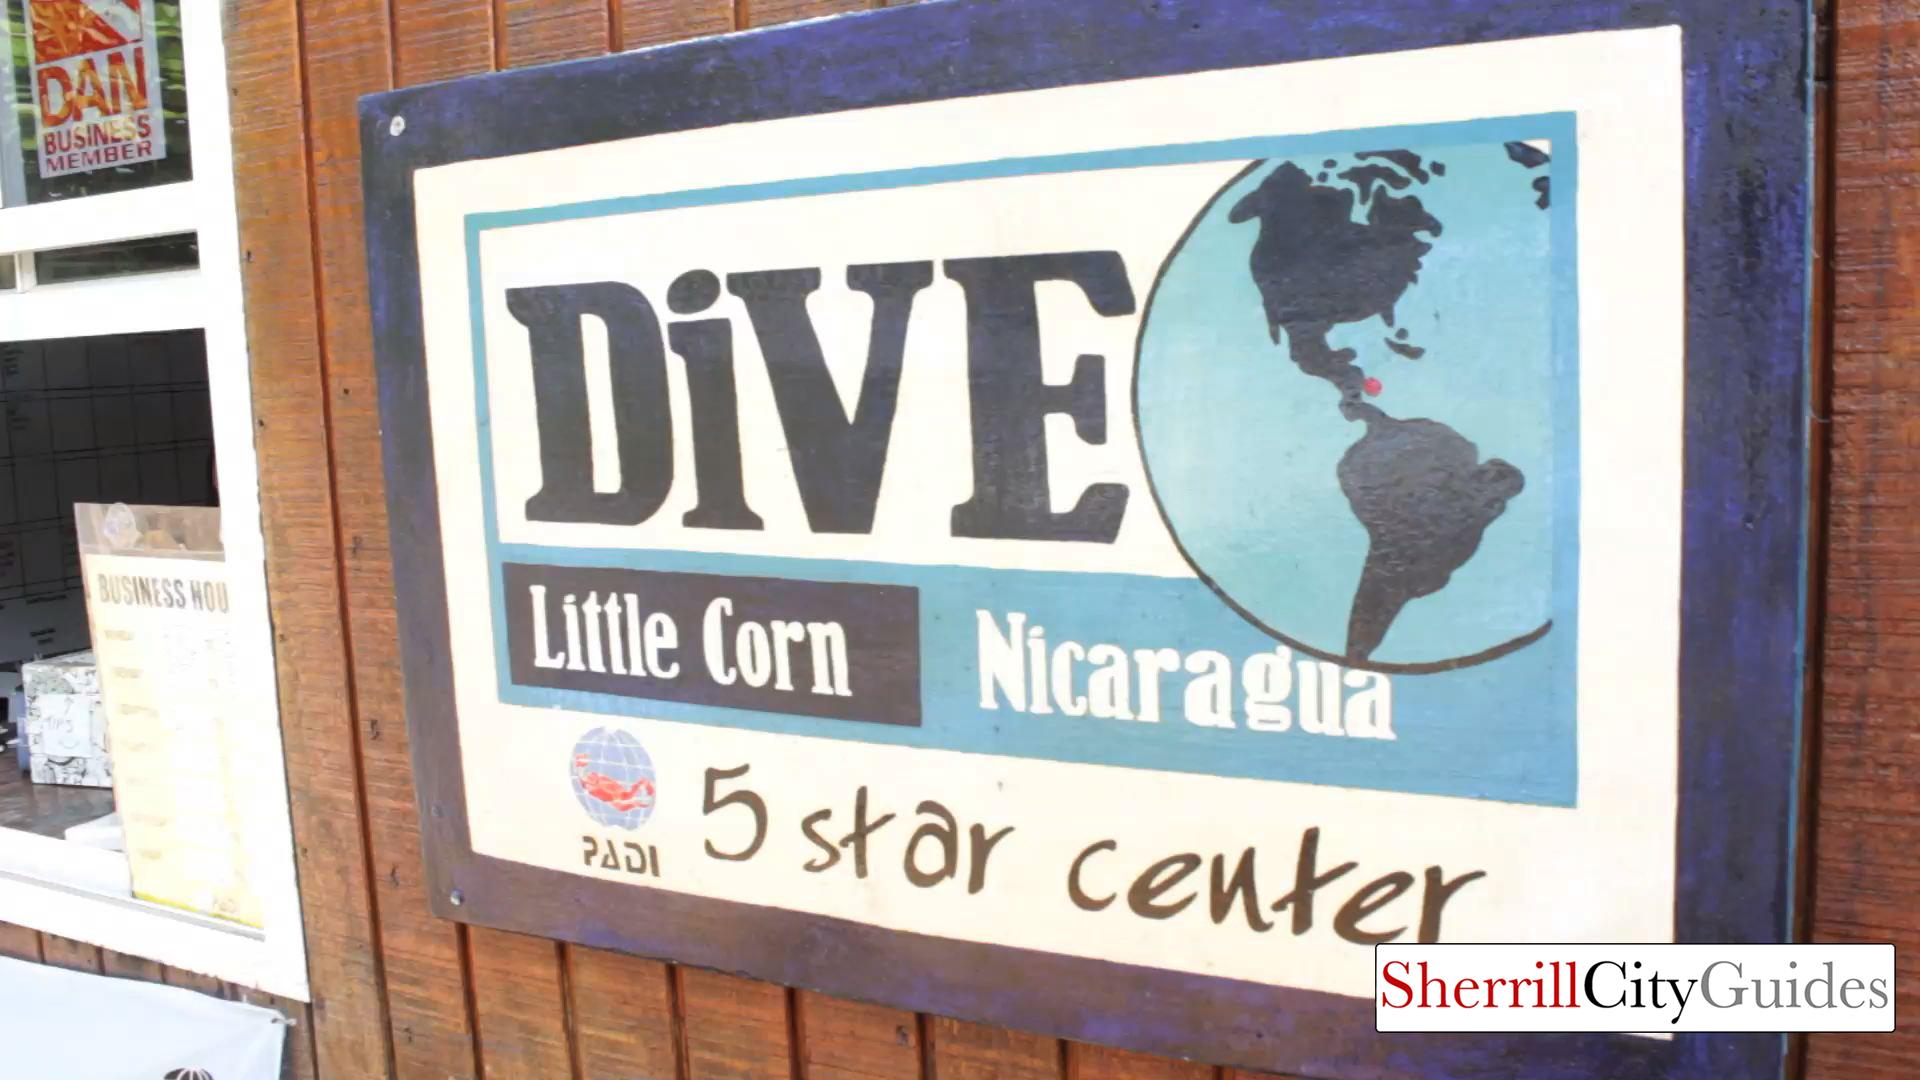 Little Corn Dive